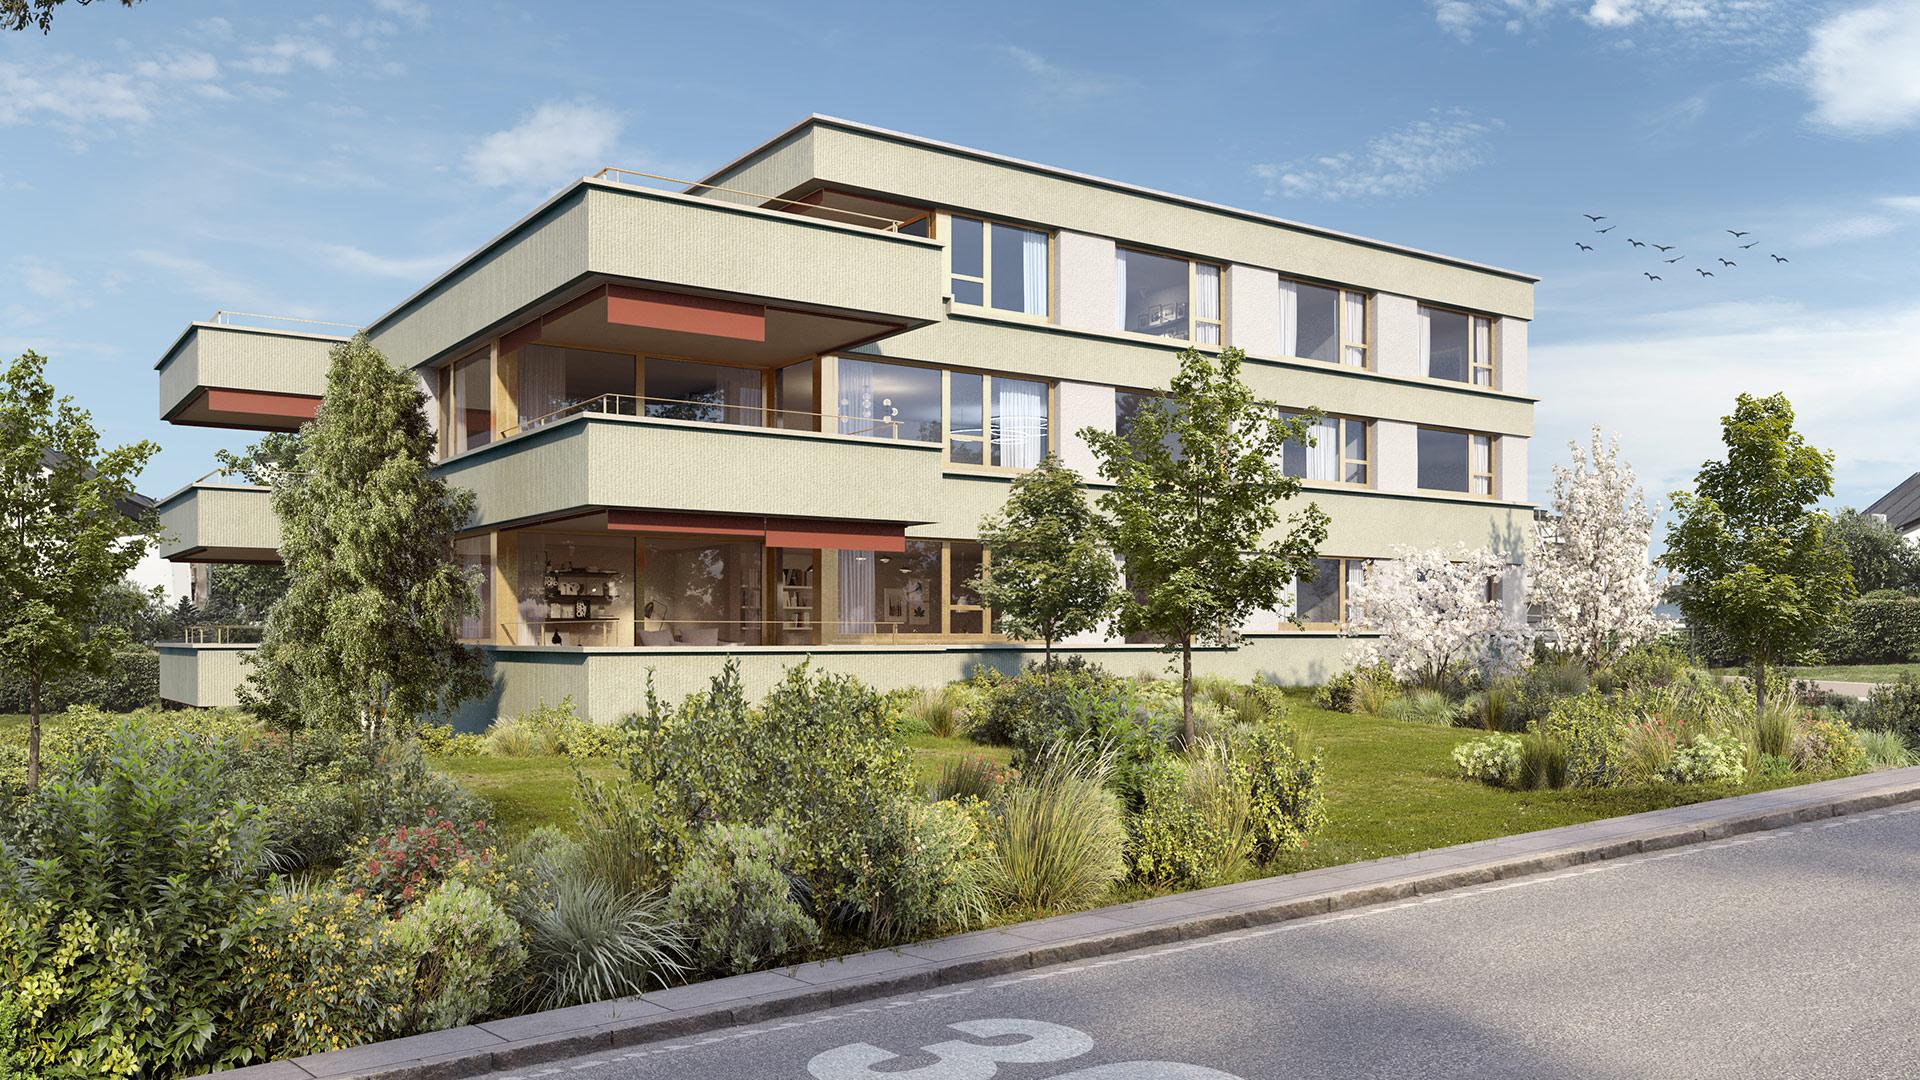 Wohnen im Park Berikon - Wohnung A22